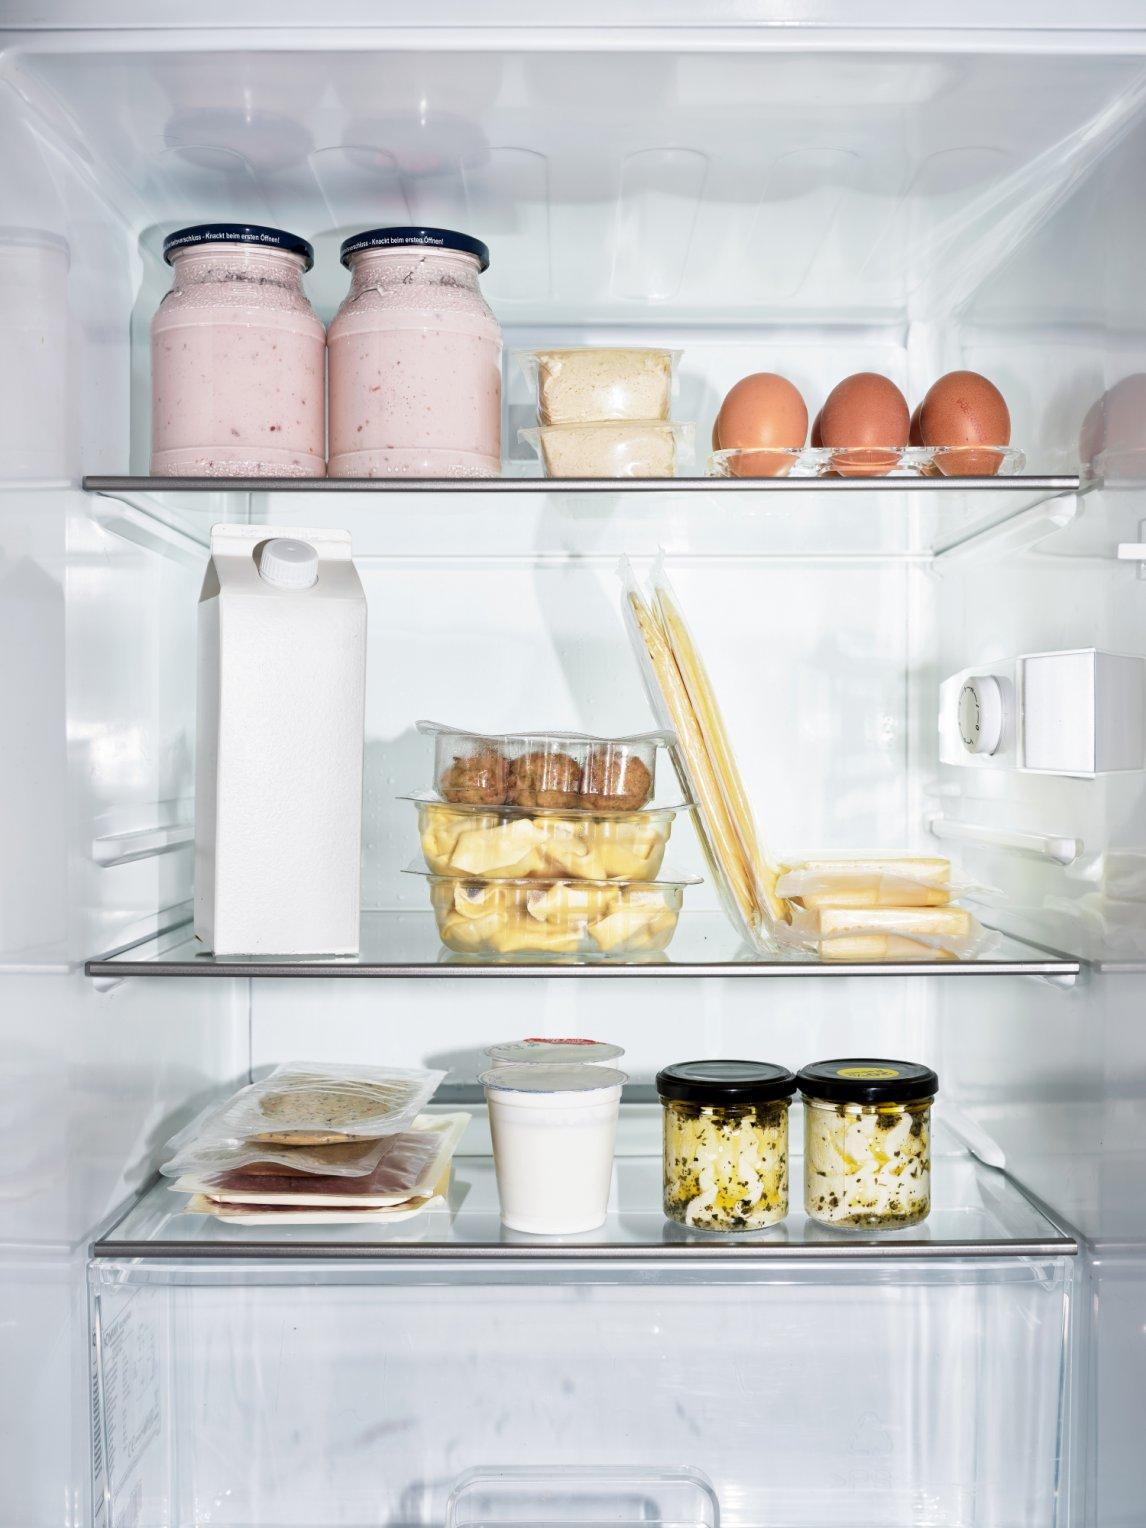 <p>ZEITLOSDas Mindesthaltbarkeitsdatum wurde einst eingeführt, um die Lebensmittelverschwendung einzudämmen. Vor seiner Einführung musste man sich irgendwie merken, welcher Joghurt der ältere ist</p>